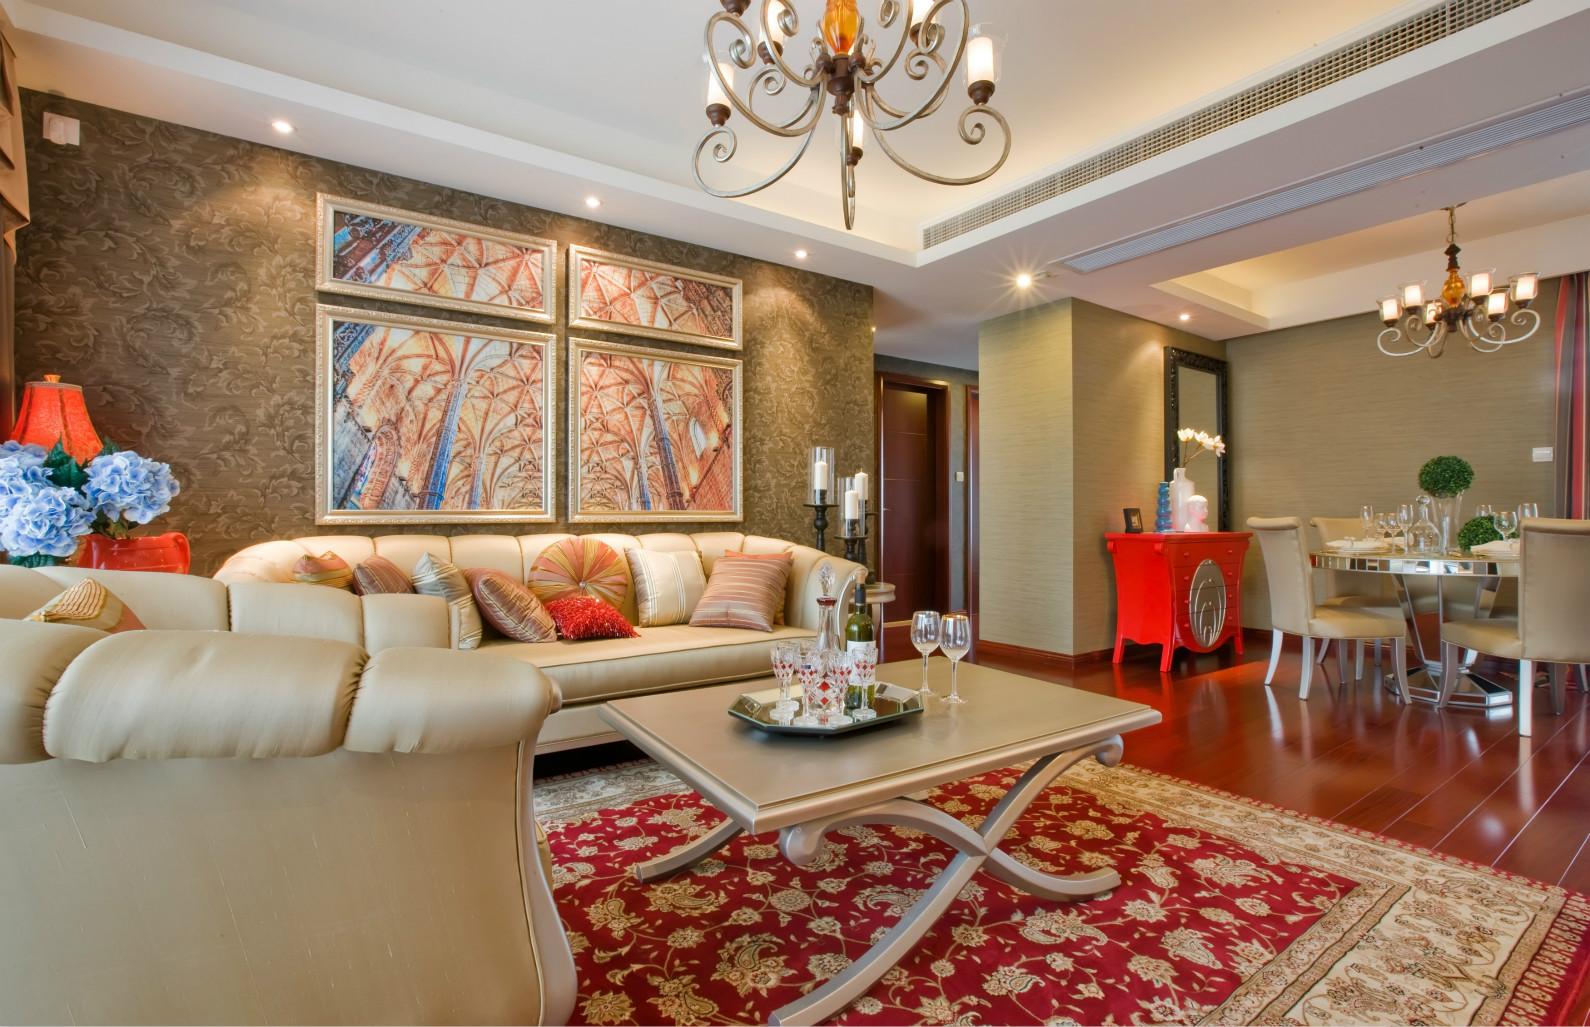 浅色皮质的沙发,搭配实木铁艺边茶几,营造舒适简约的氛围